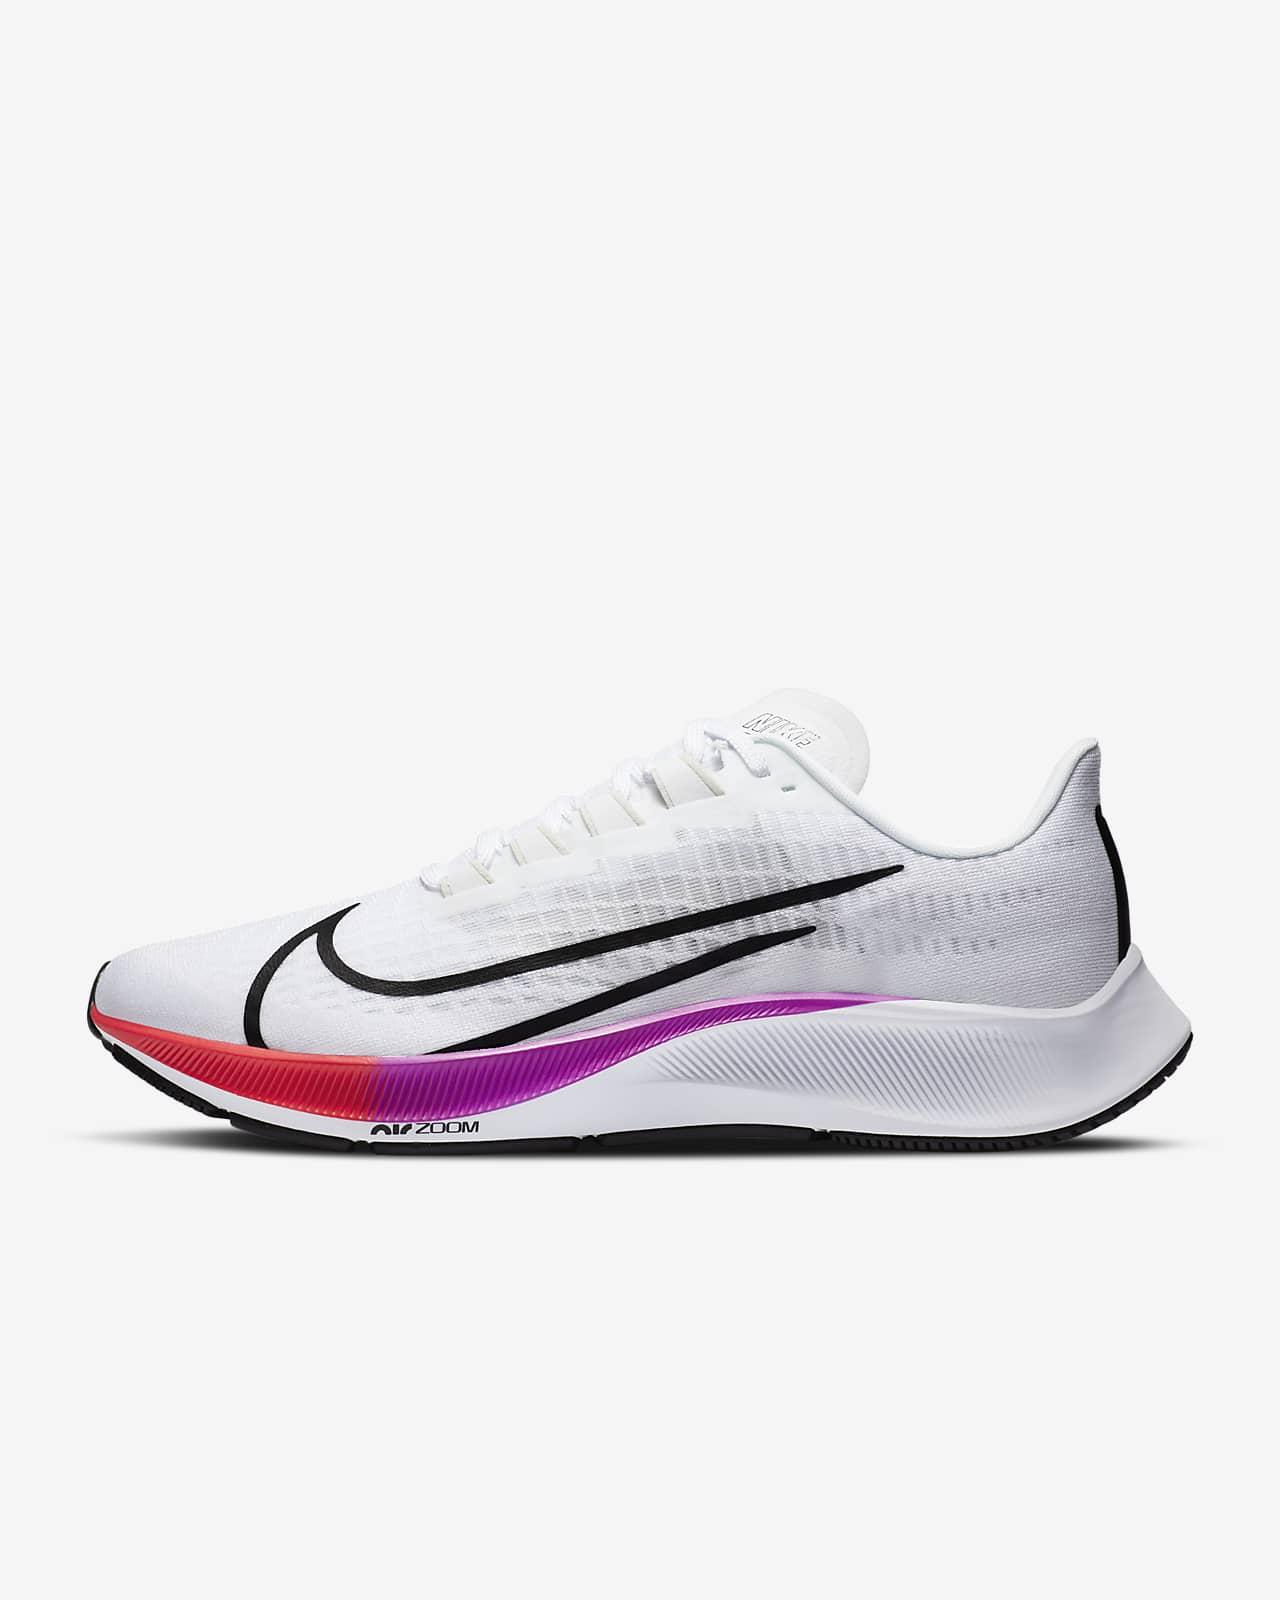 Pánská běžecká bota Nike Air Zoom Pegasus 37